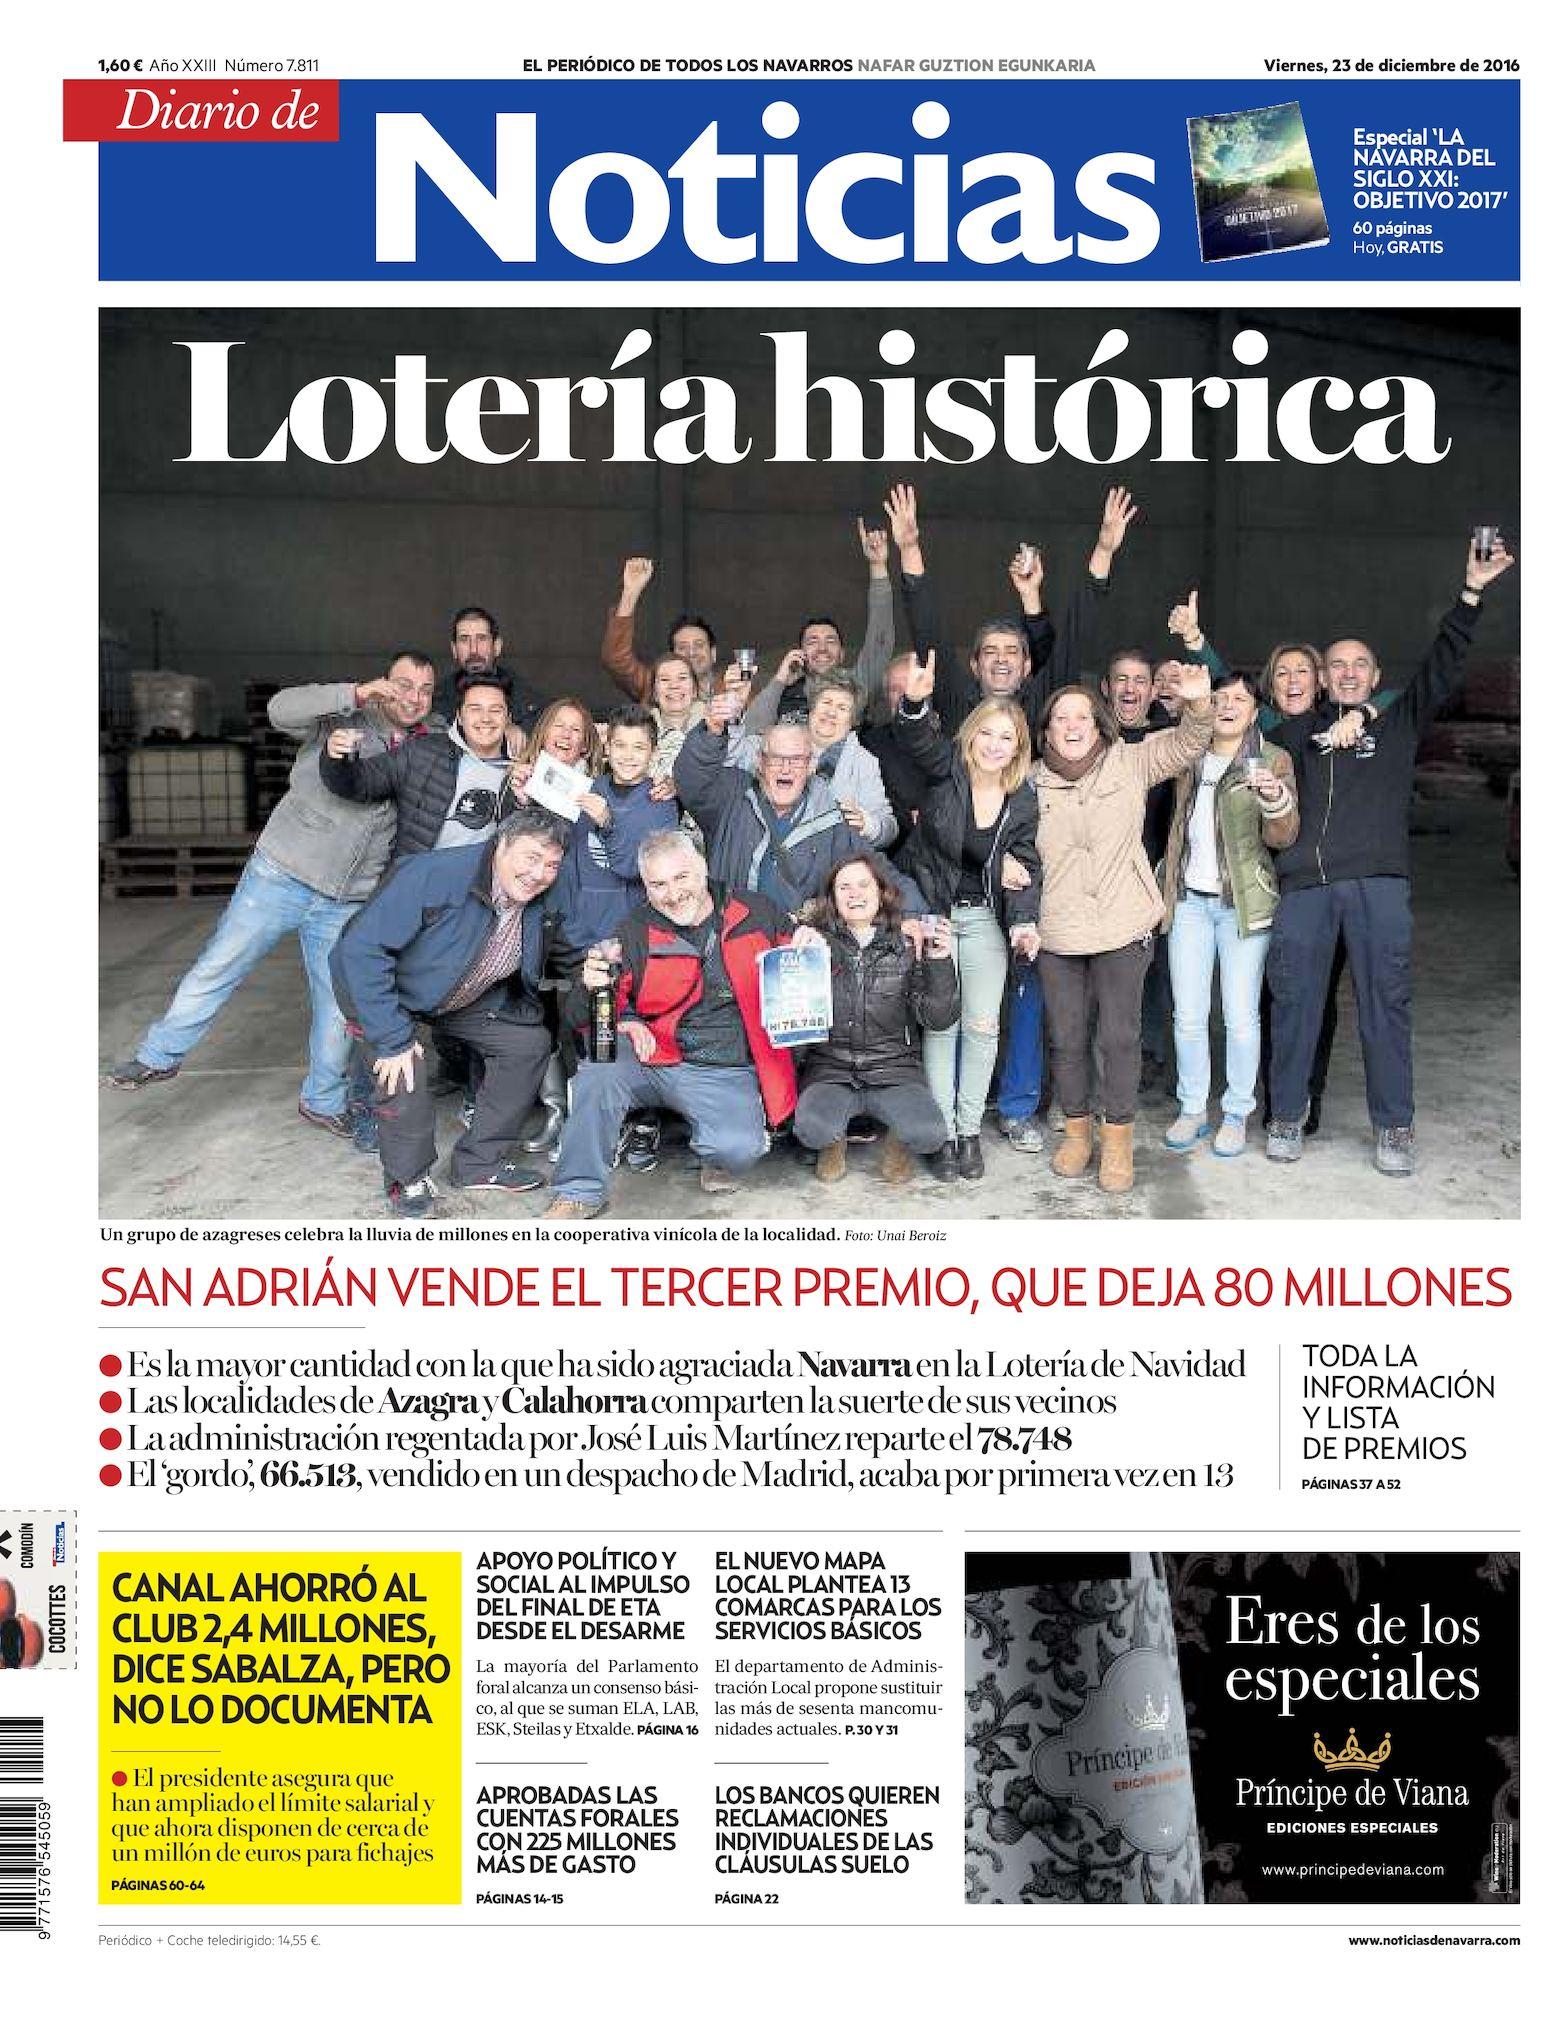 Pelicula Porno Sala Di Posa calaméo - diario de noticias 20161223